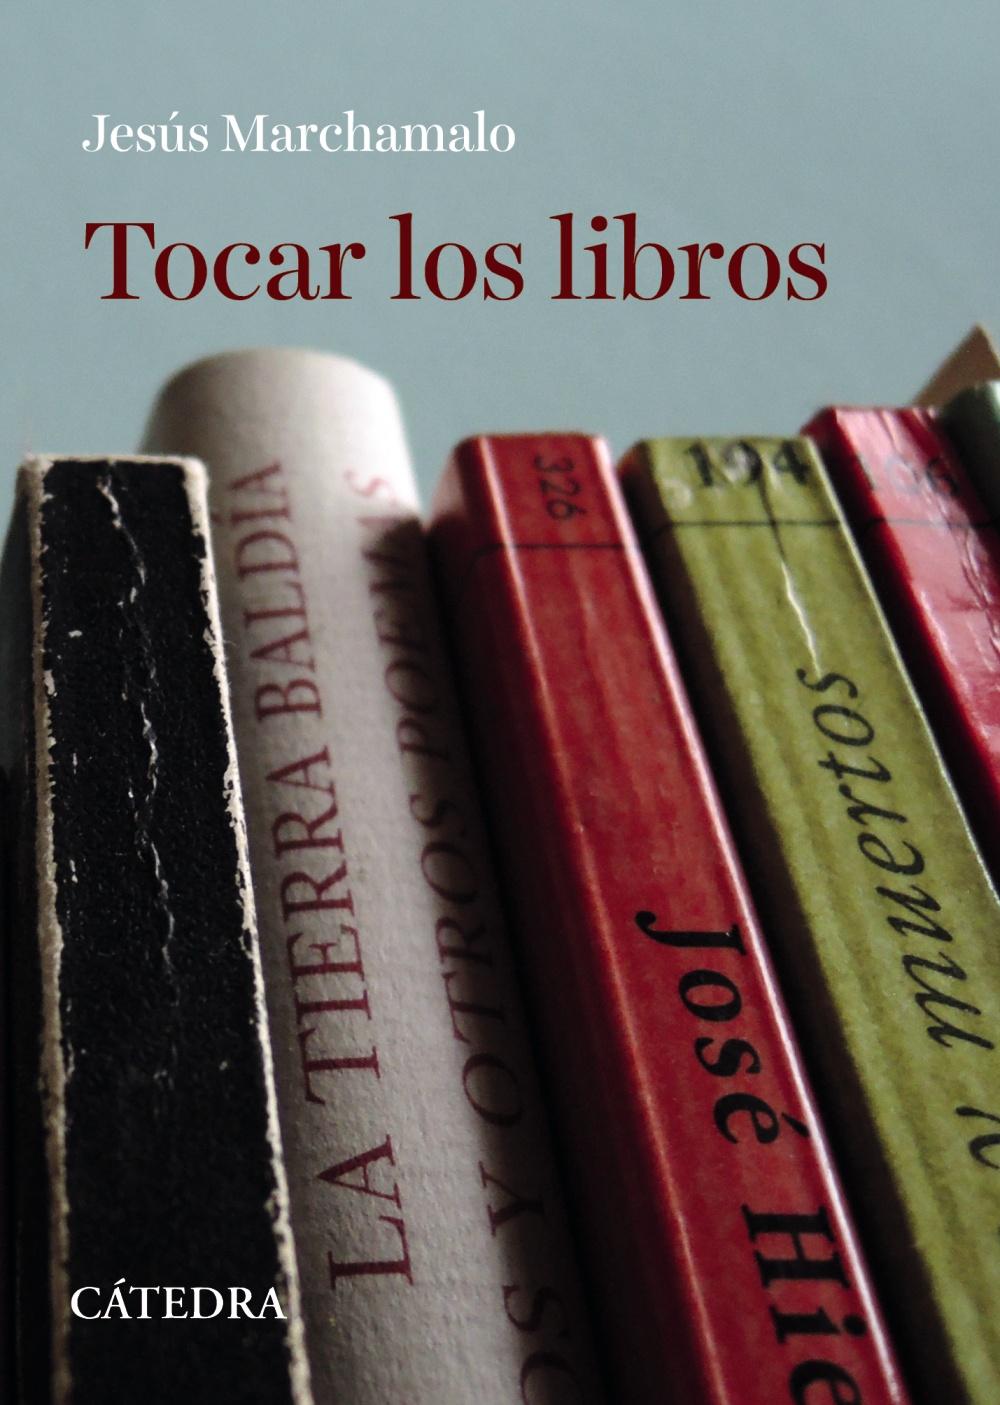 Tocar los libros - Selección de libros sobre libros